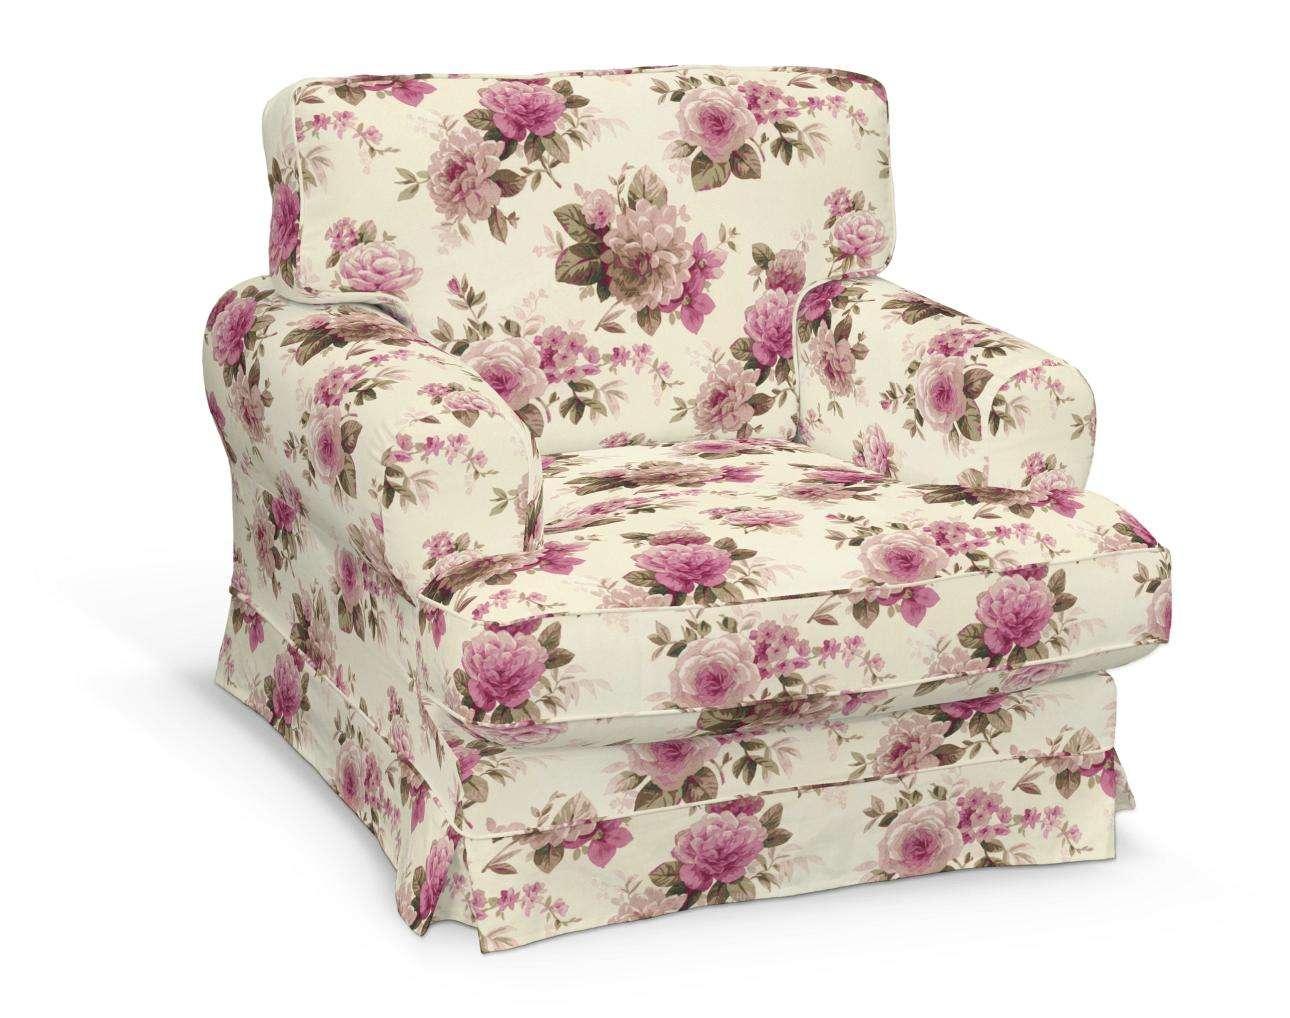 Pokrowiec na fotel Ekeskog Fotel Ekeskog w kolekcji Mirella, tkanina: 141-07